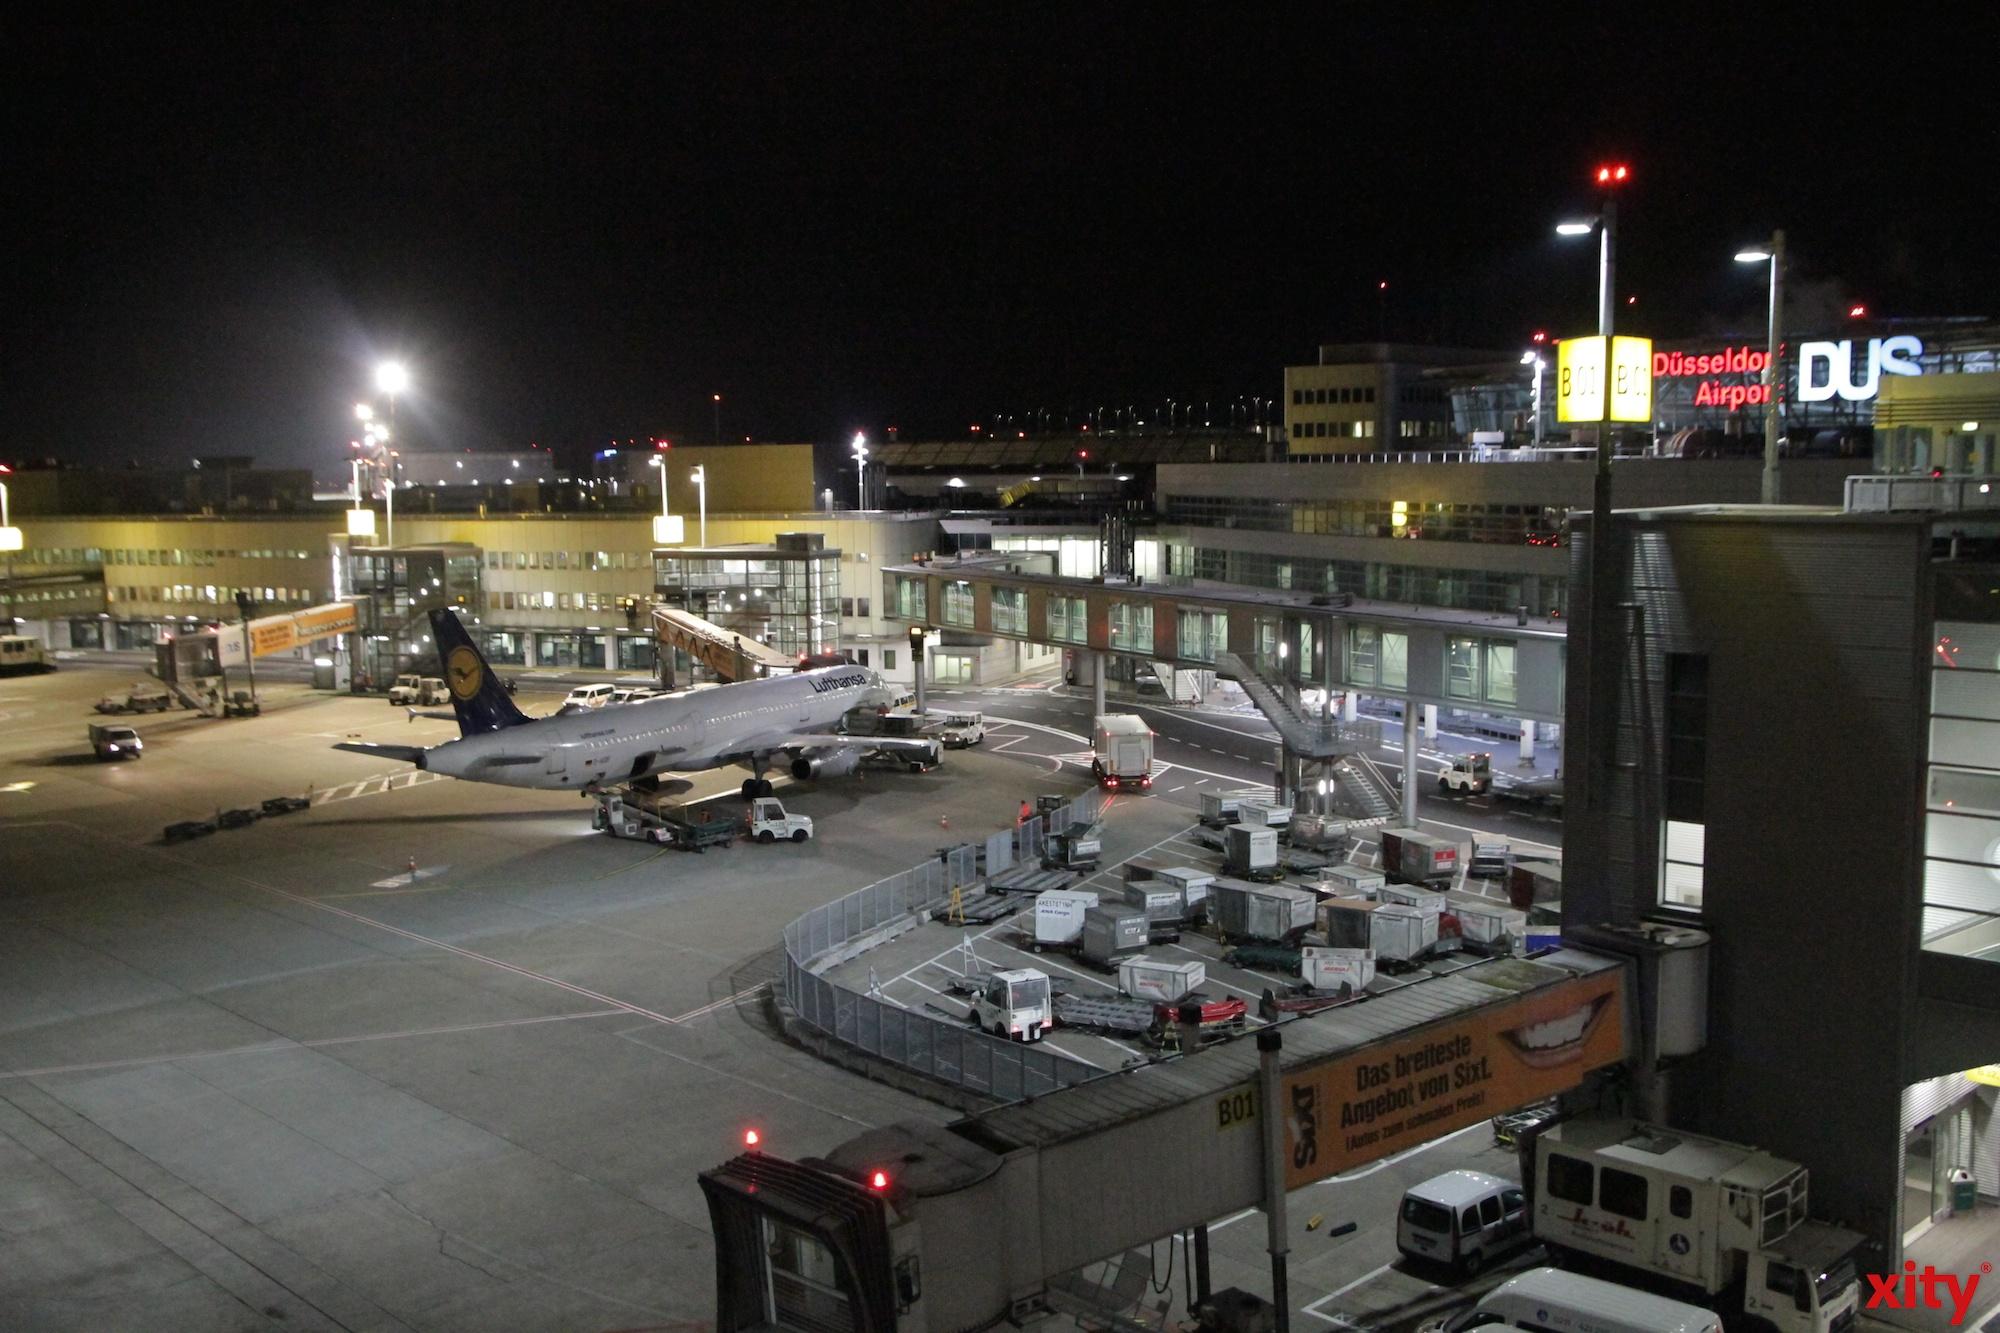 Über 76 Prozent weniger Nachtflugbewegungen am Düsseldorfer Airport im Januar 2020 (Foto: xity)